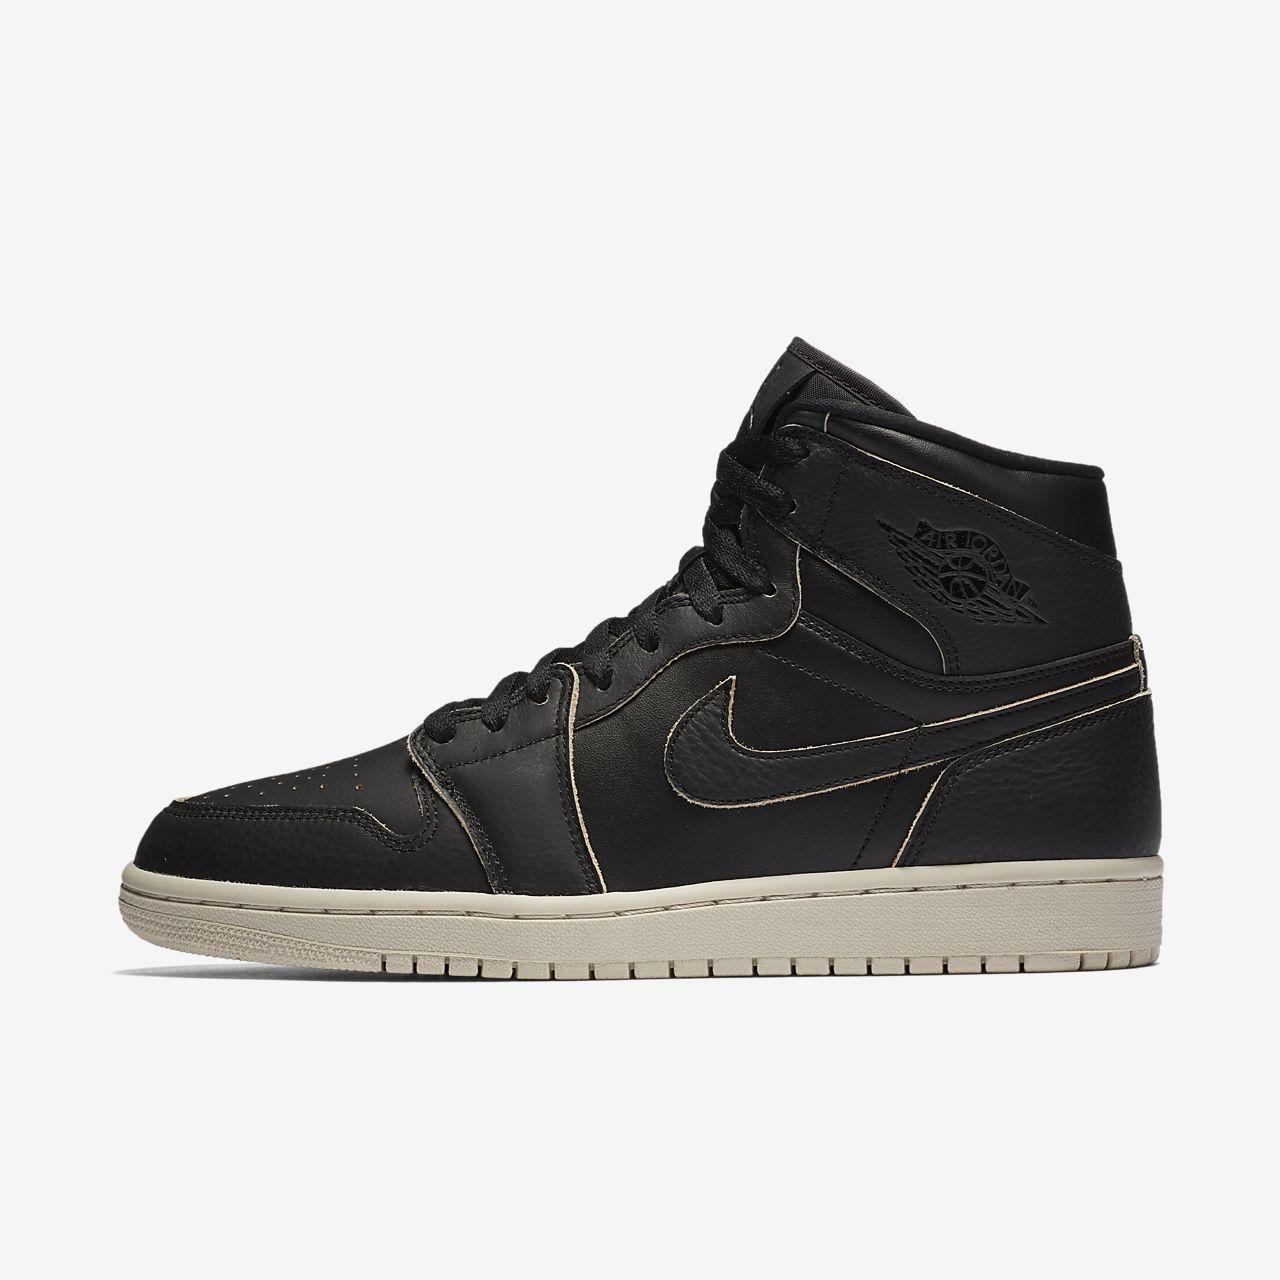 Nike Air Jordan 1 Mid Zapatos Baloncesto Zapatillas High Negro Top Negro High Gris e32e68